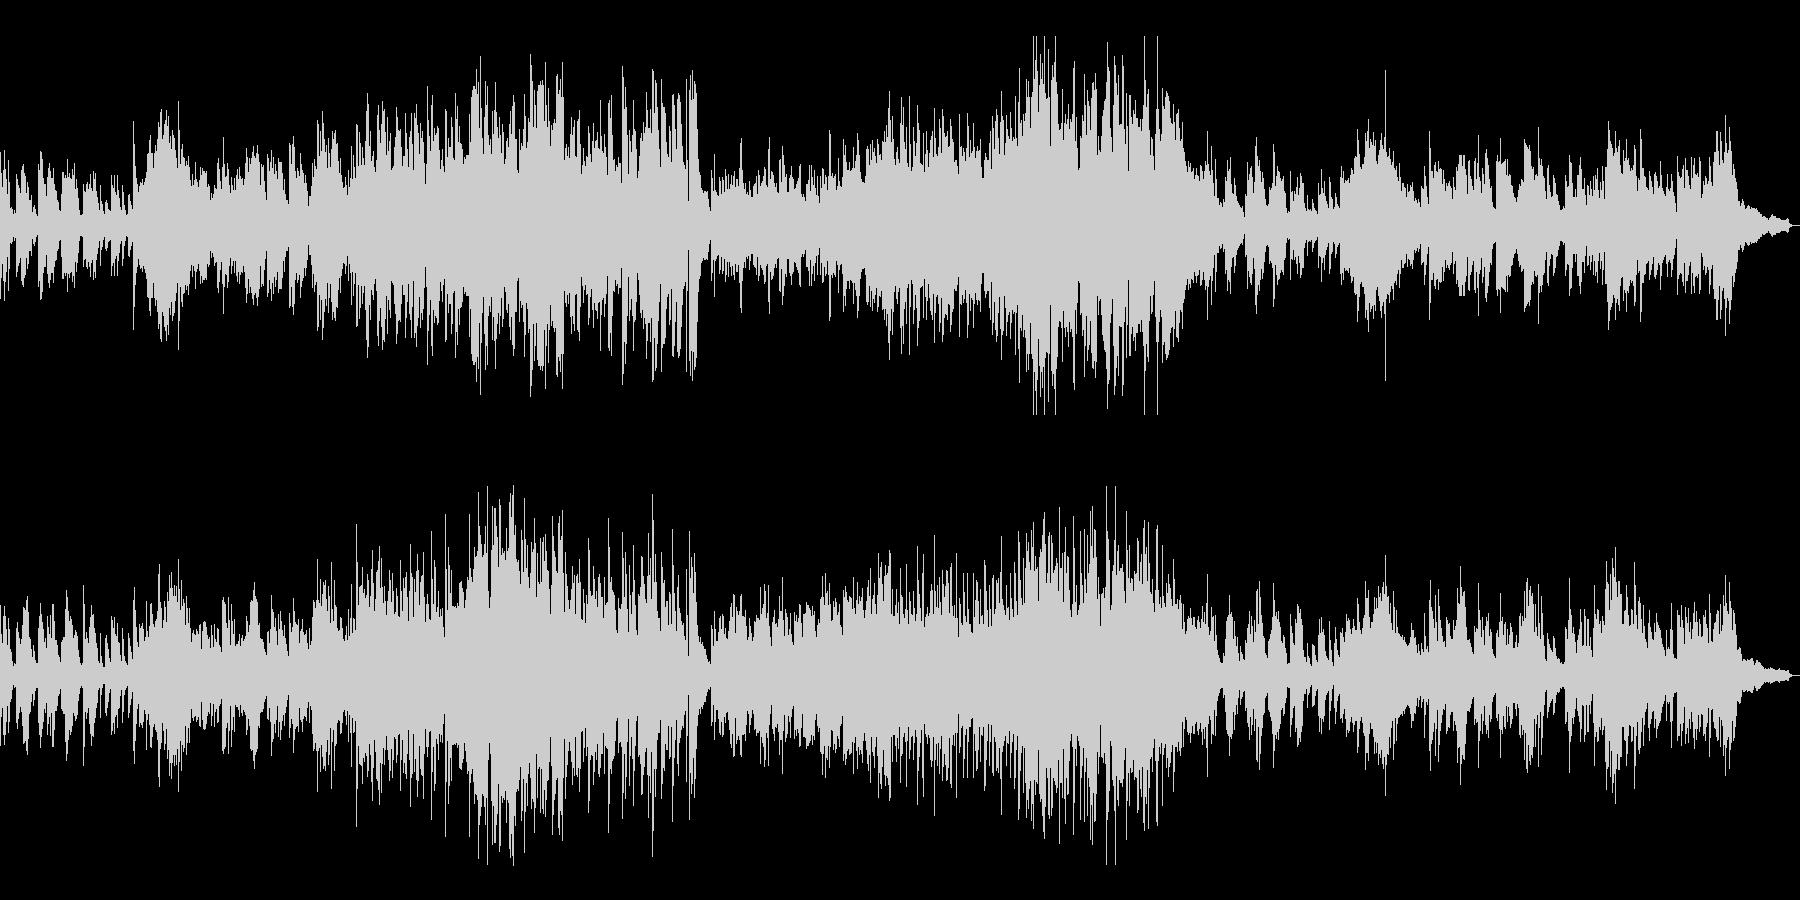 メロディアスな和風曲8-ピアノソロ の未再生の波形